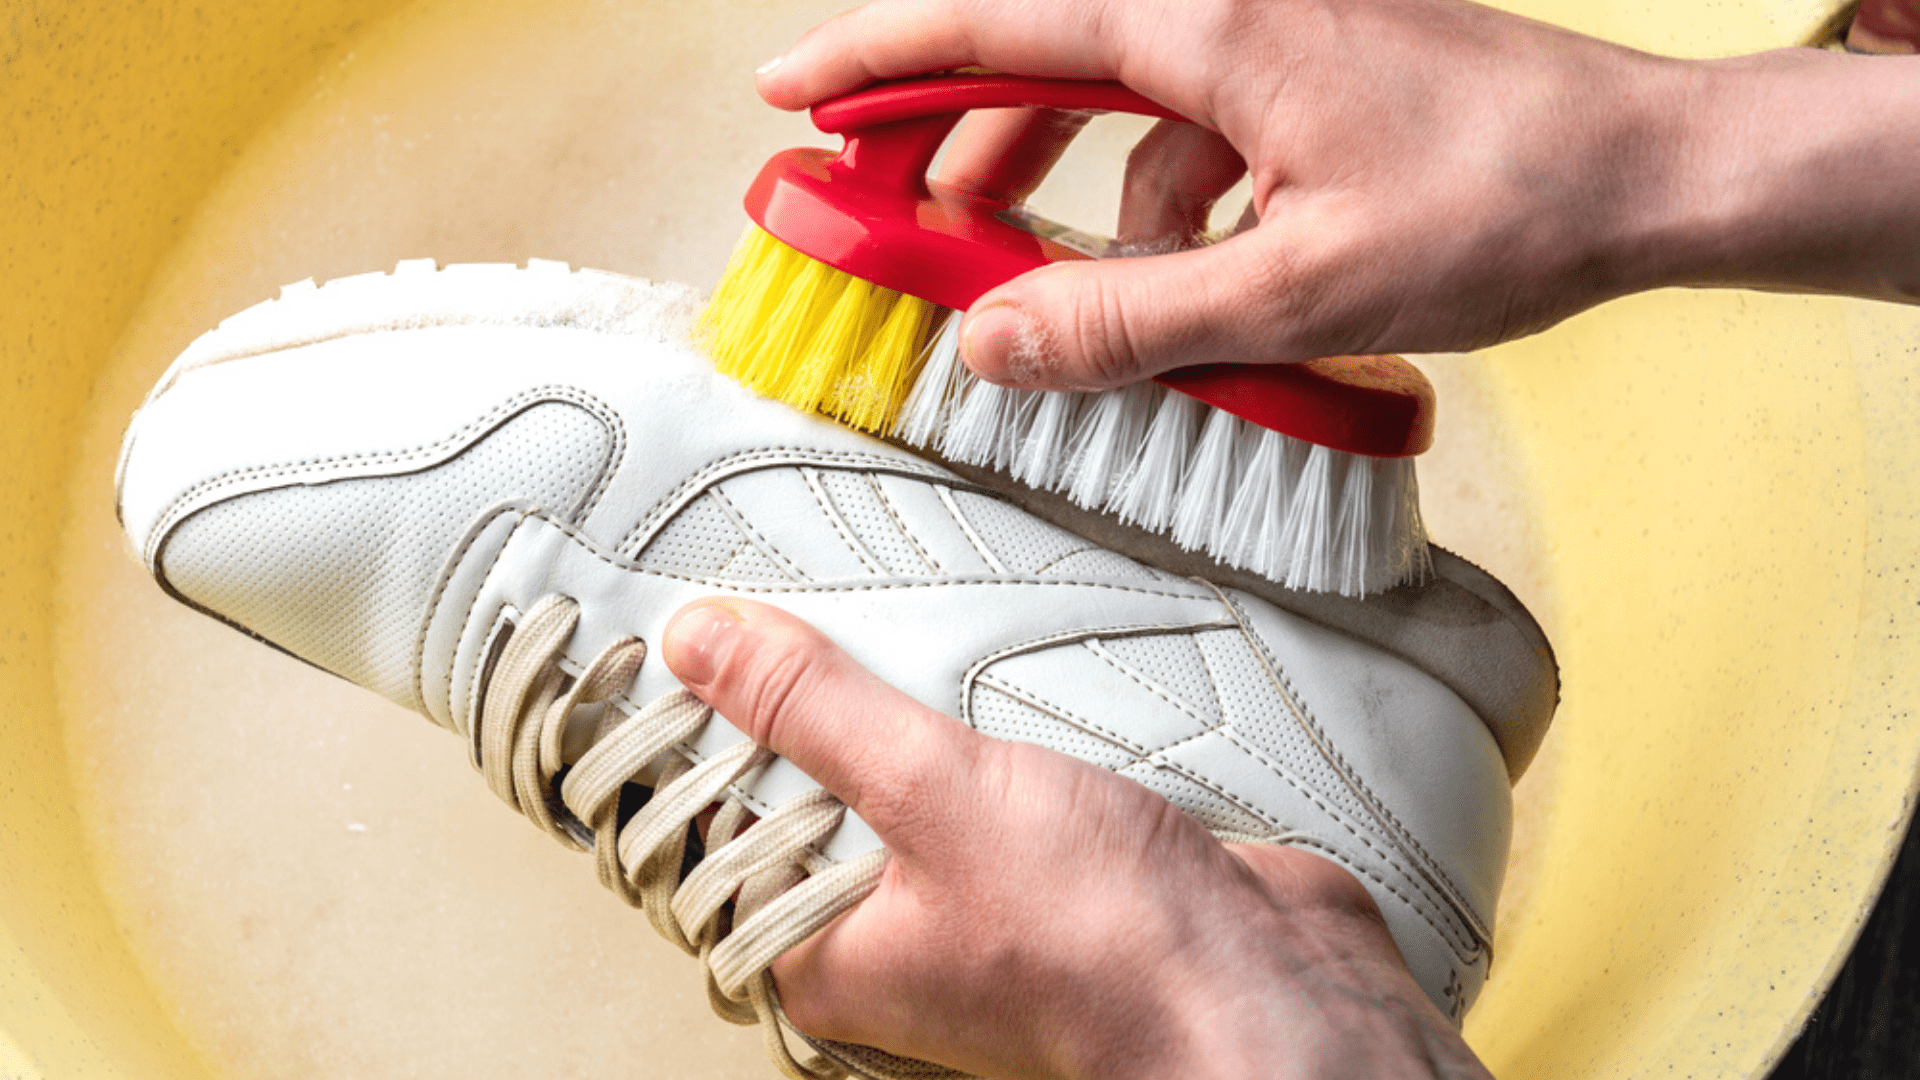 O bicarbonato de sódio também pode ser usado para tirar o amarelado do tênis branco (Imagem: Reprodução/Shutterstock)